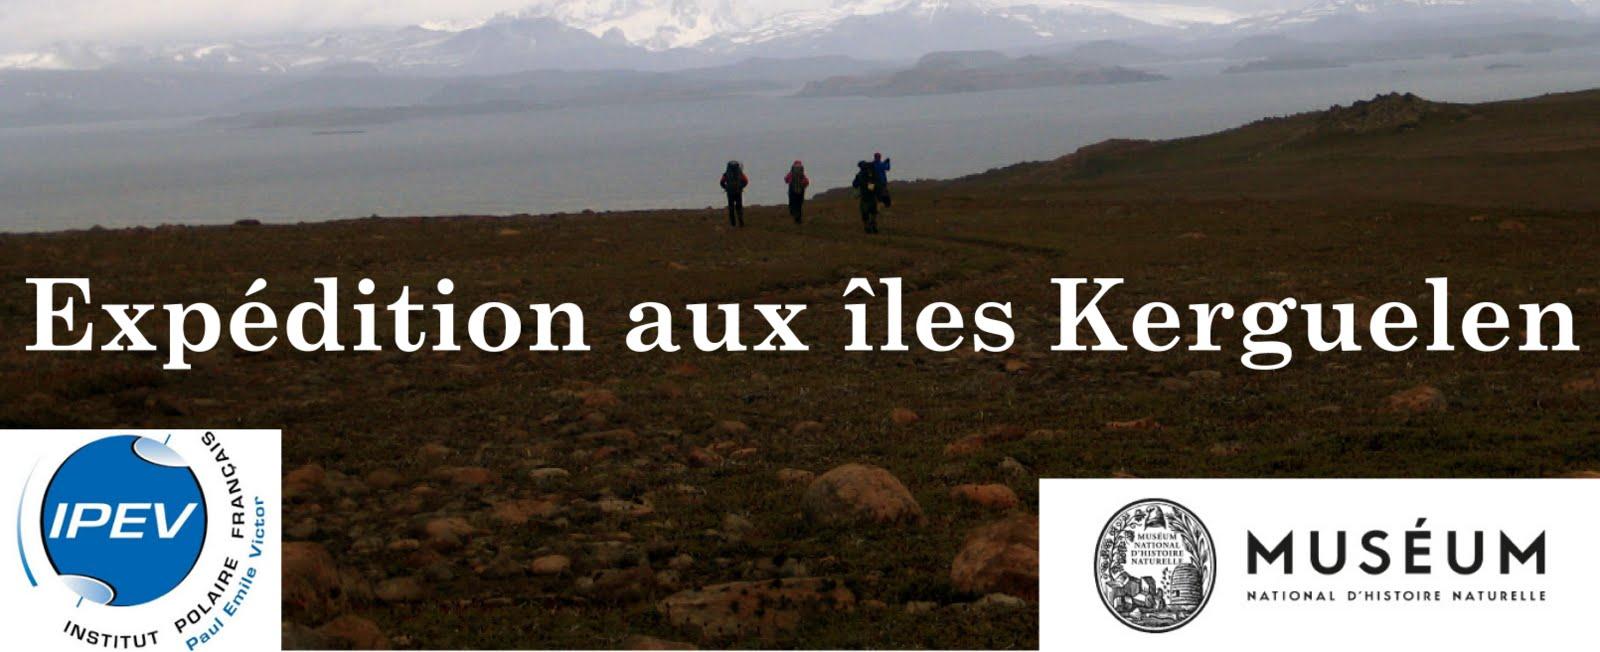 Expédition aux îles Kerguelen